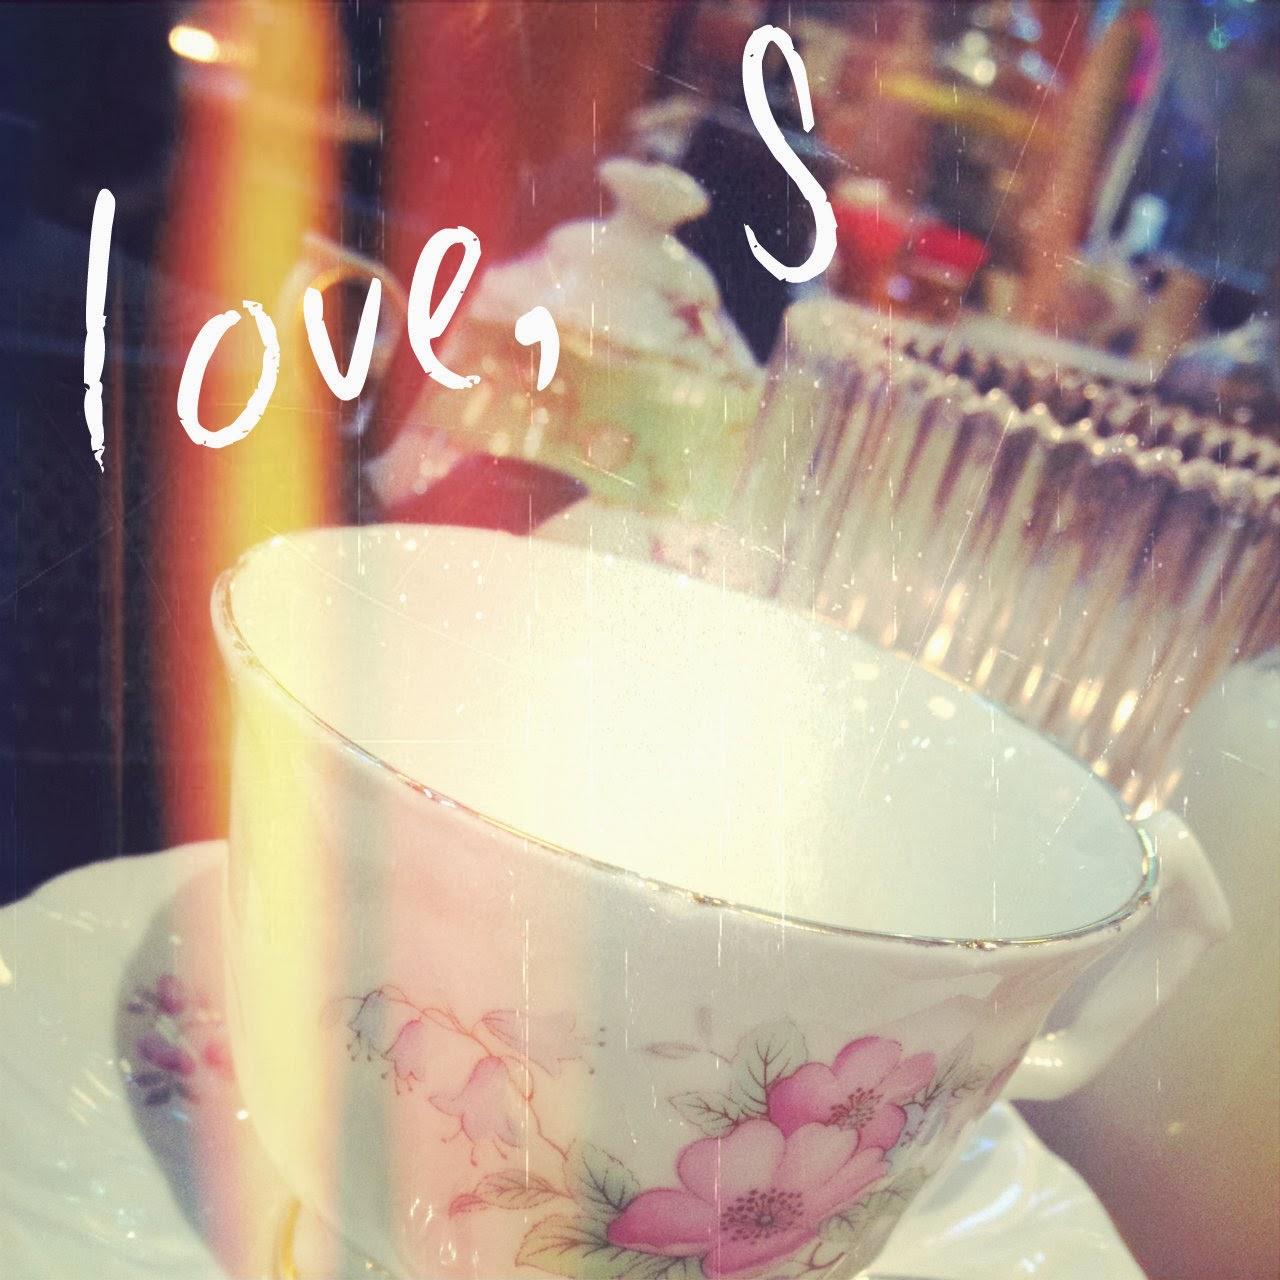 Love, S